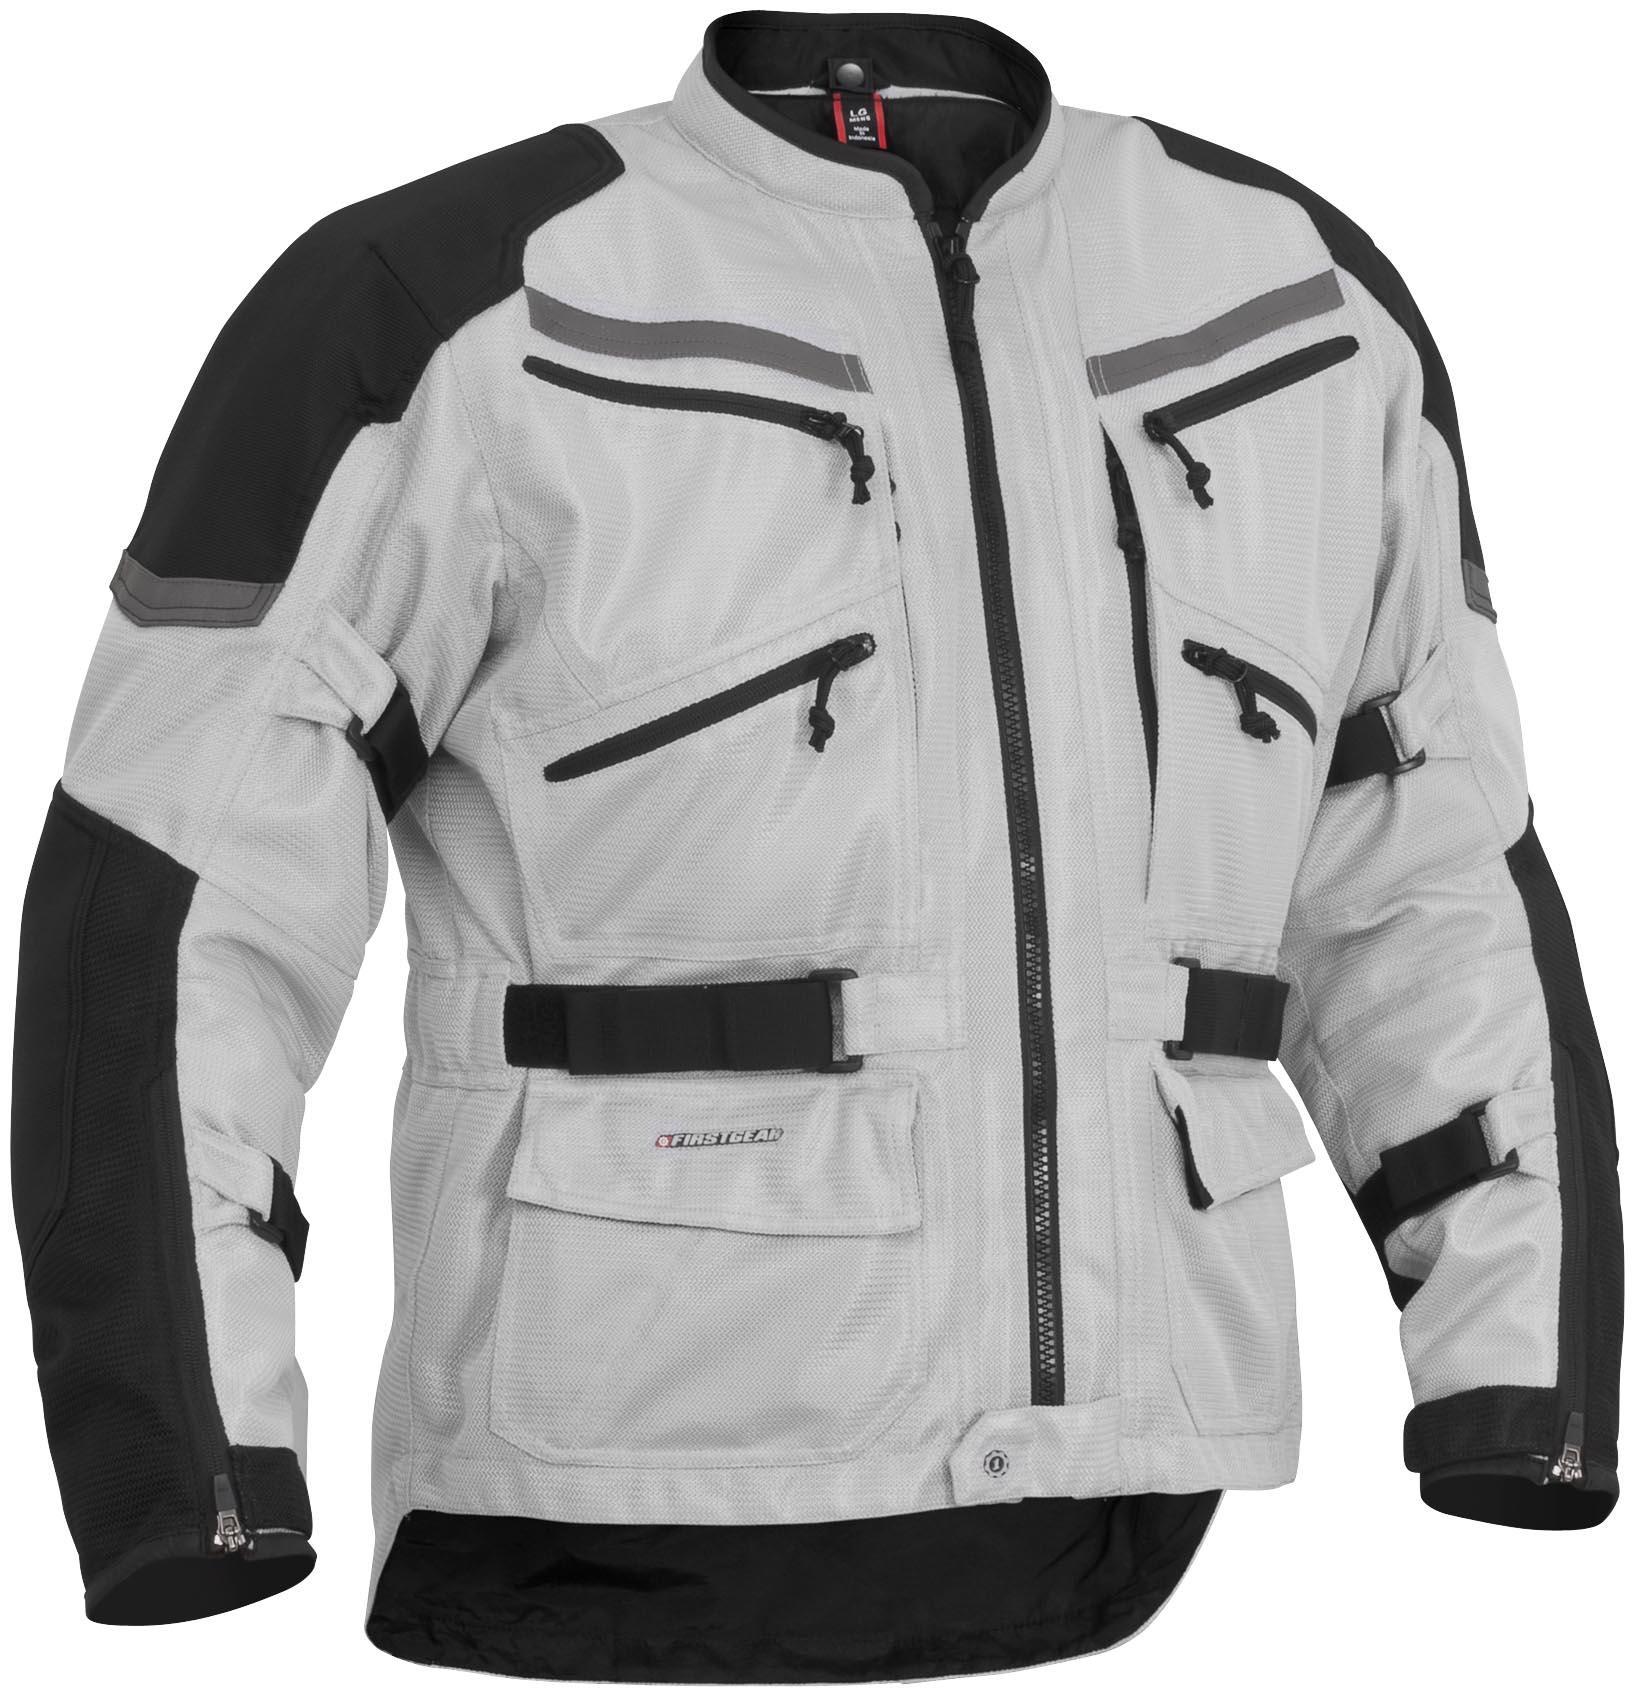 Firstgear 14' Adventure Mesh Jacket